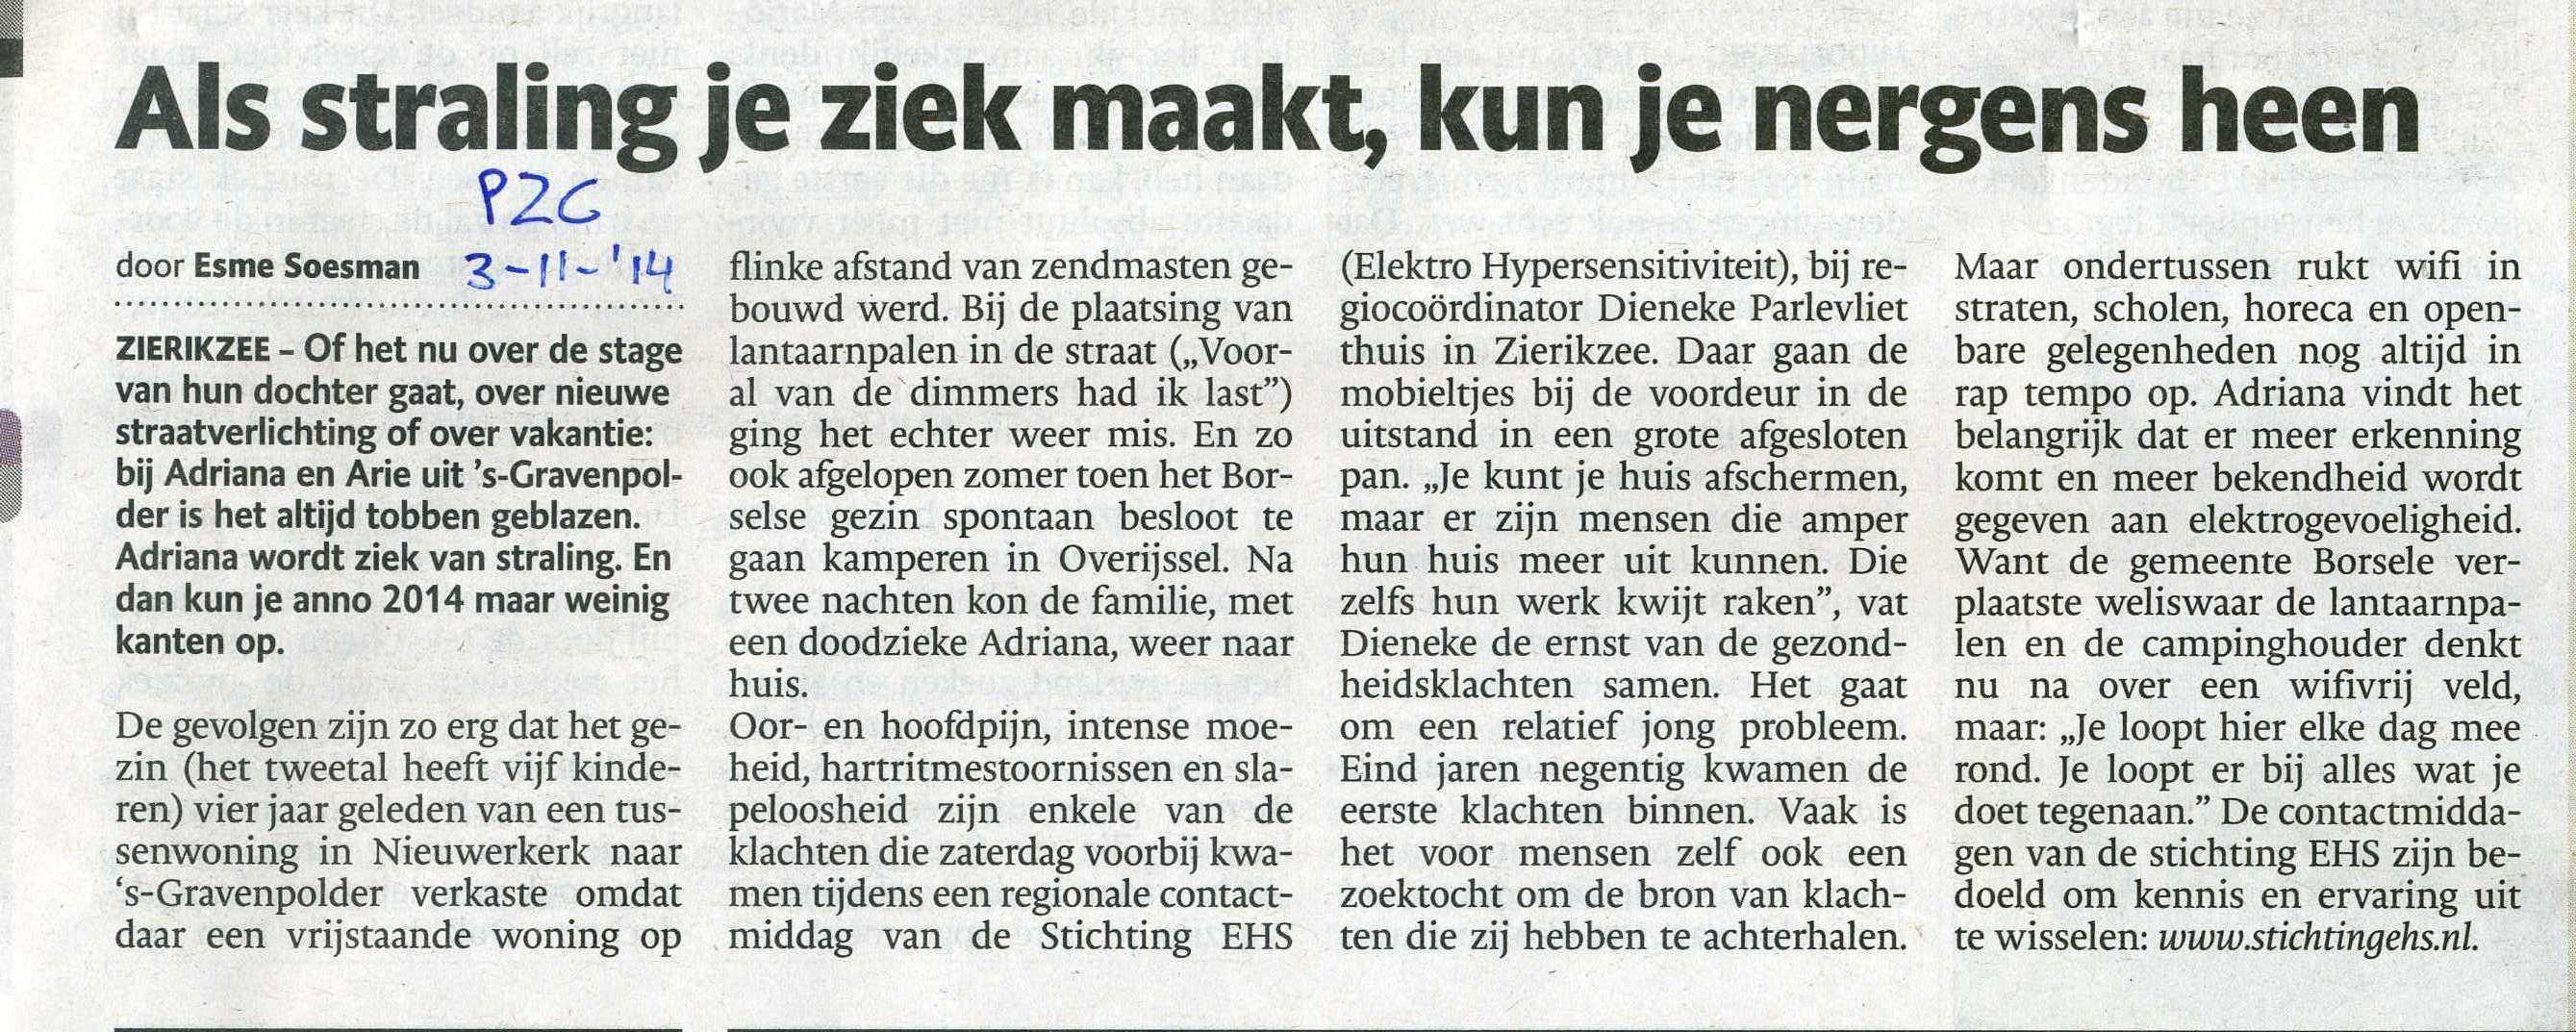 Persbericht Regiodag EHS Zierikzee